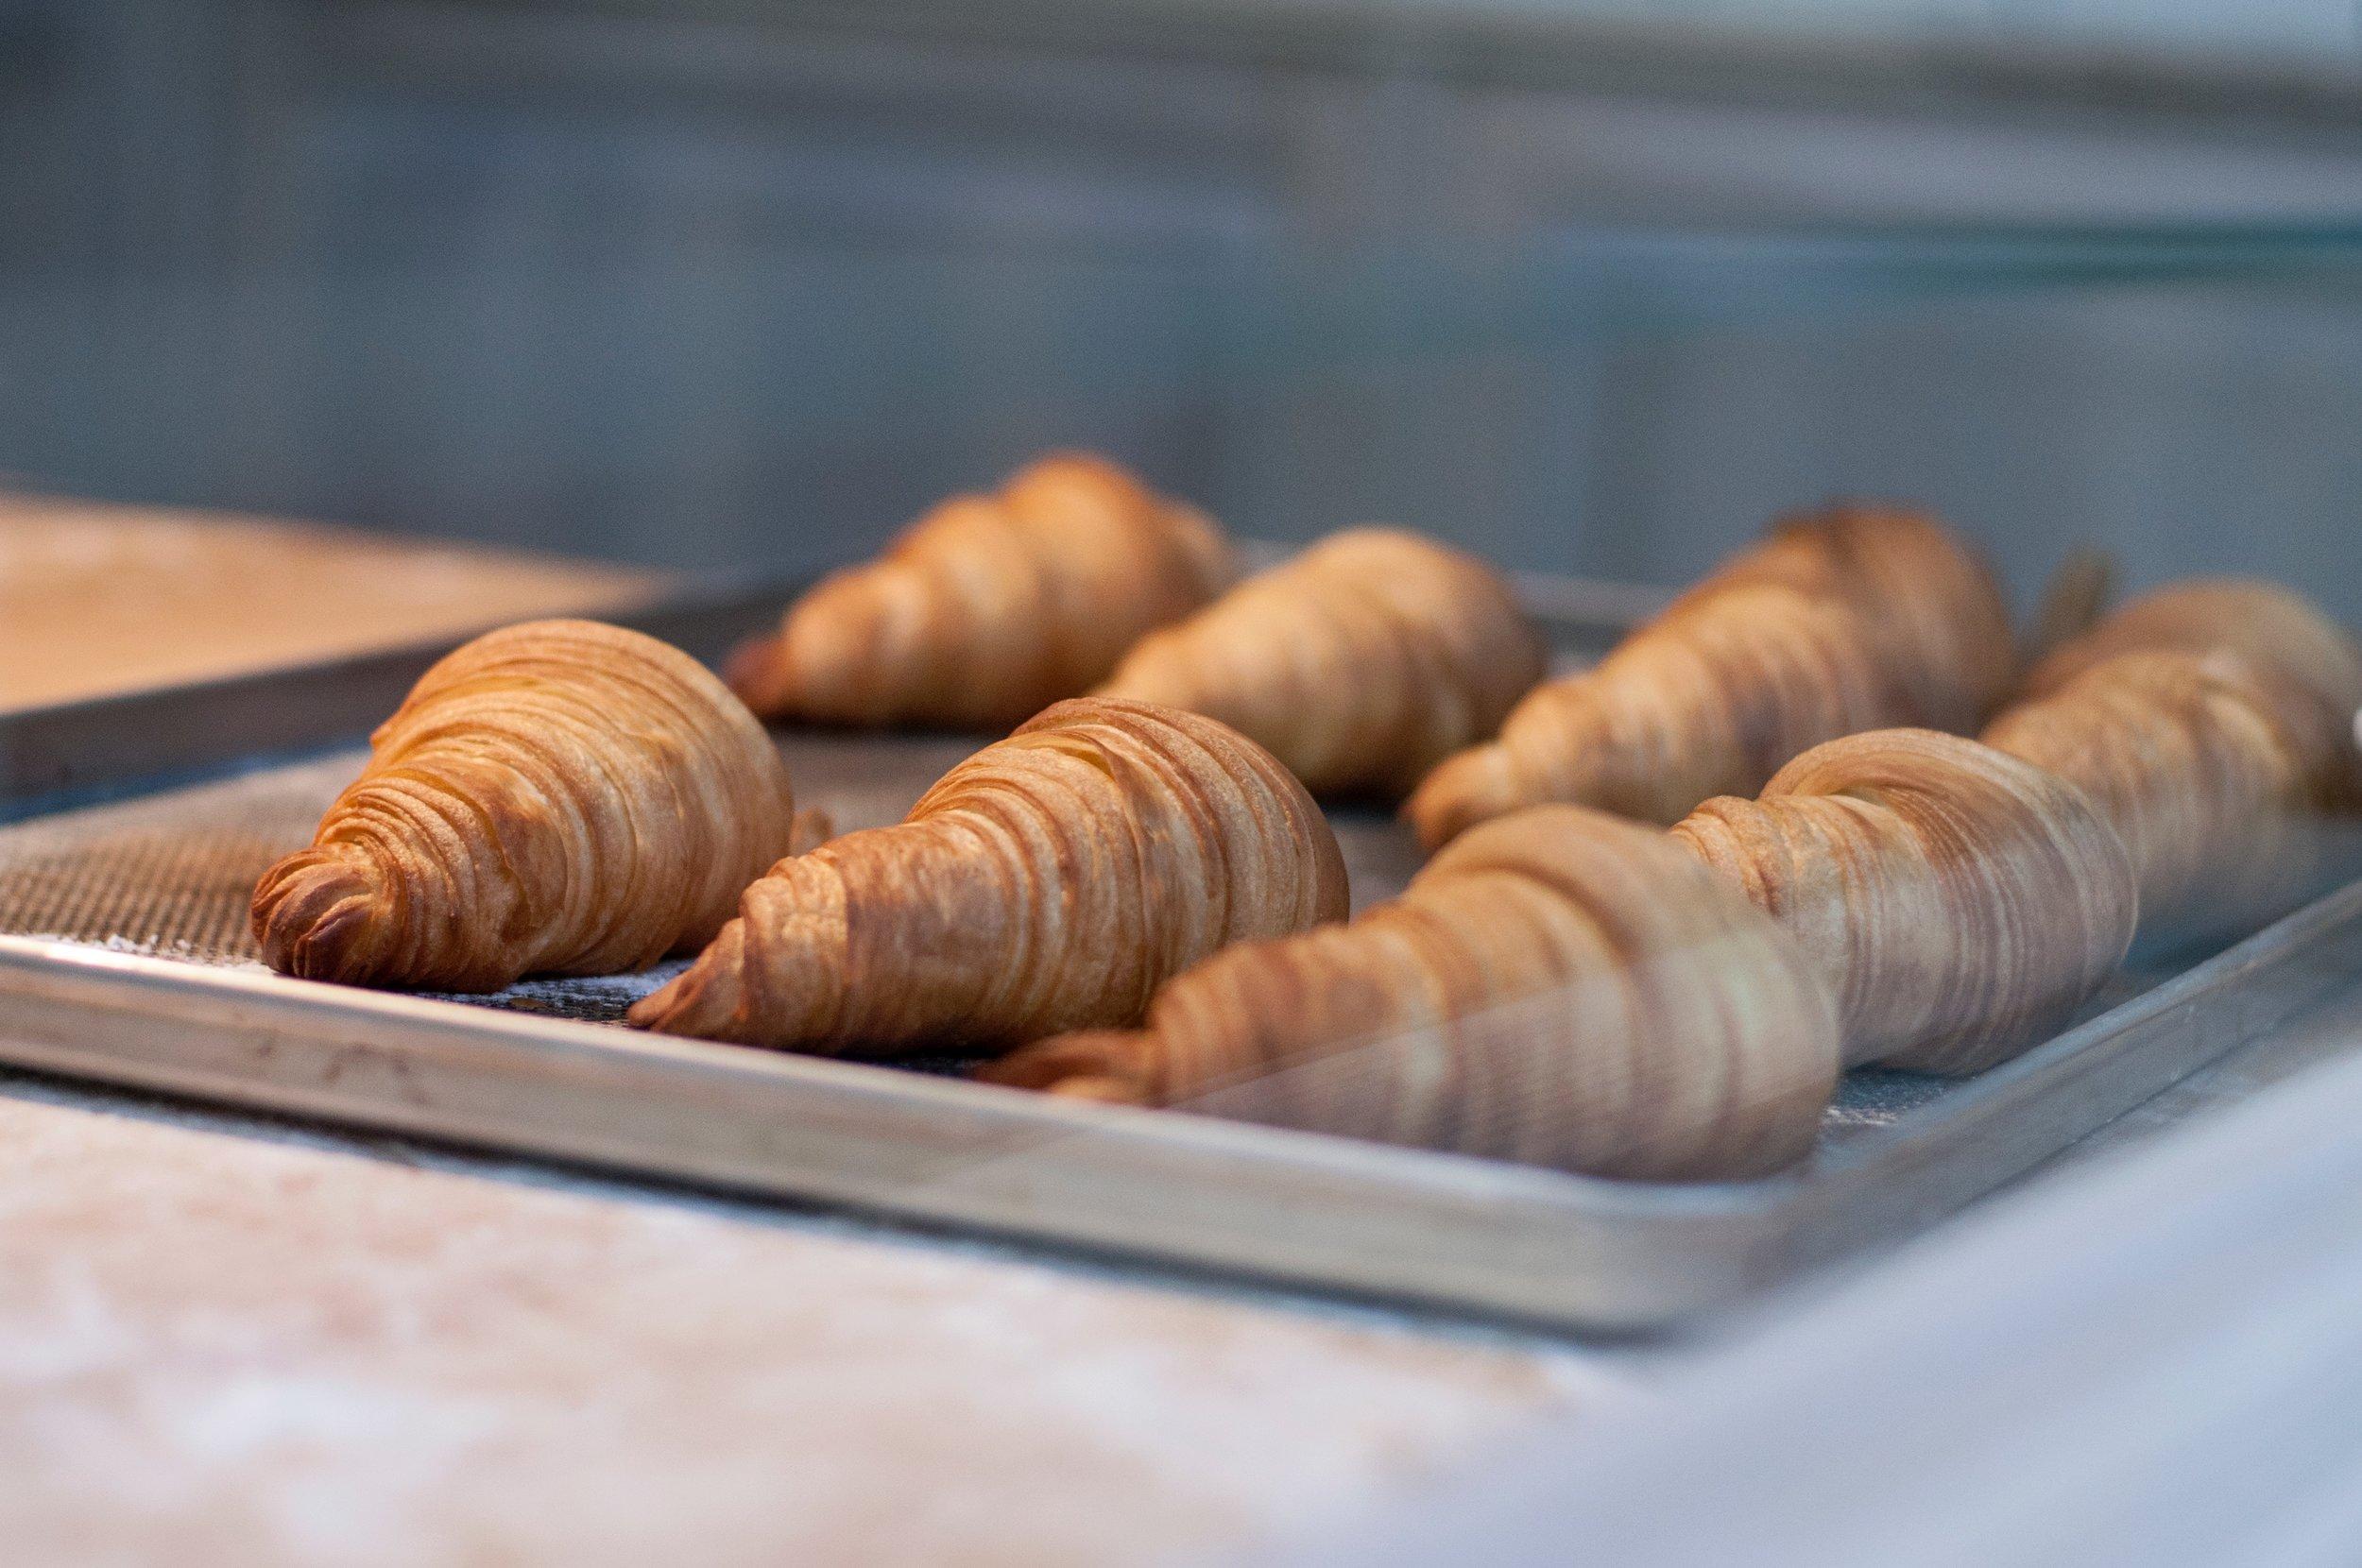 secret bakery3.jpg